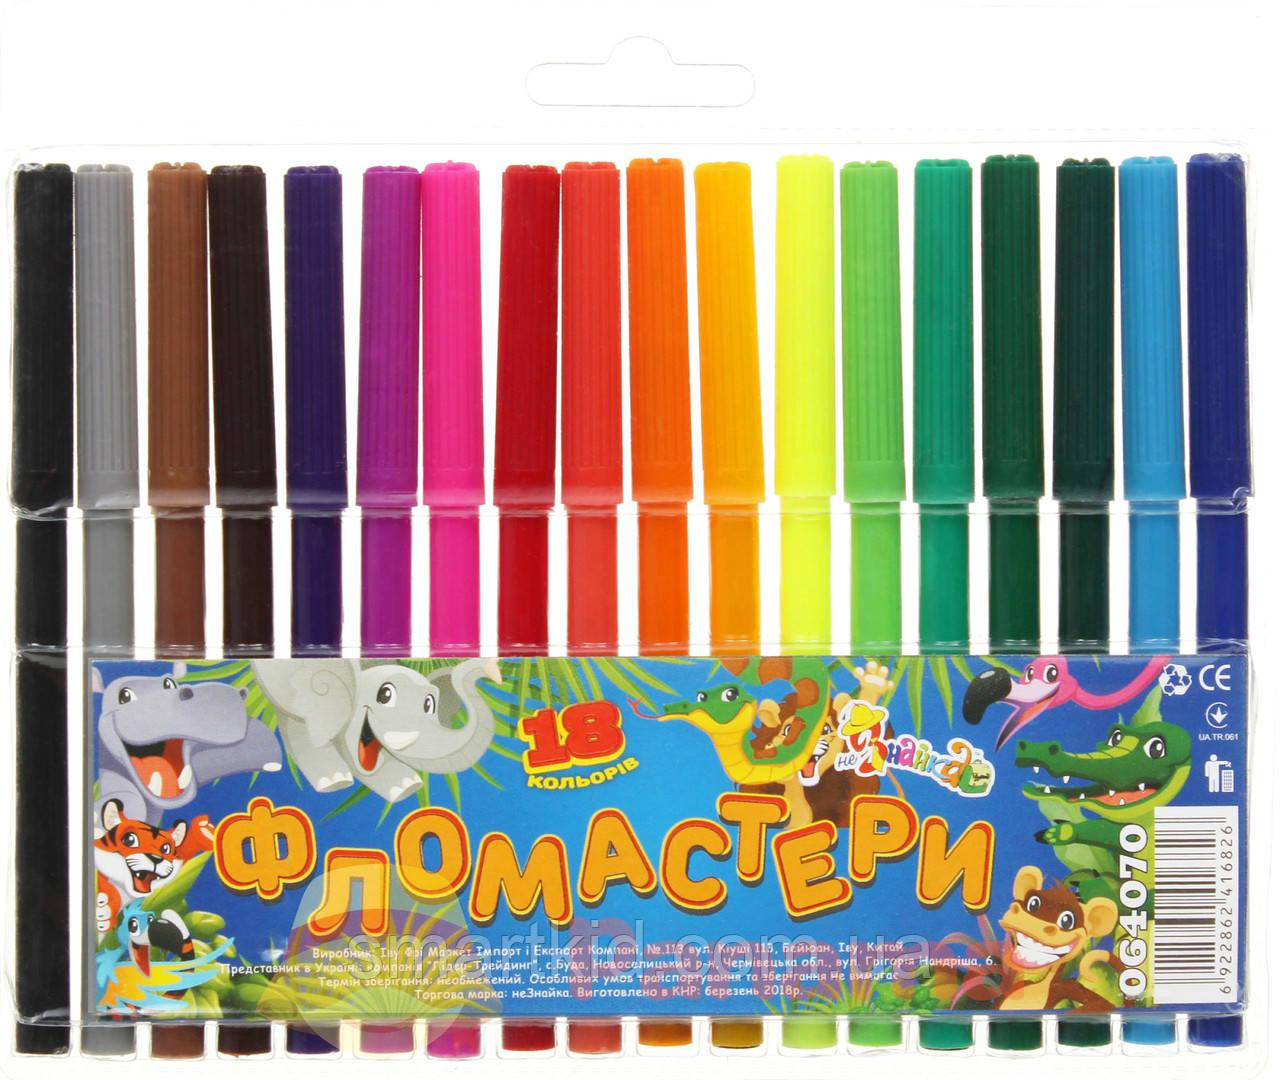 Фломастери 18 кольорів НеЗнайка